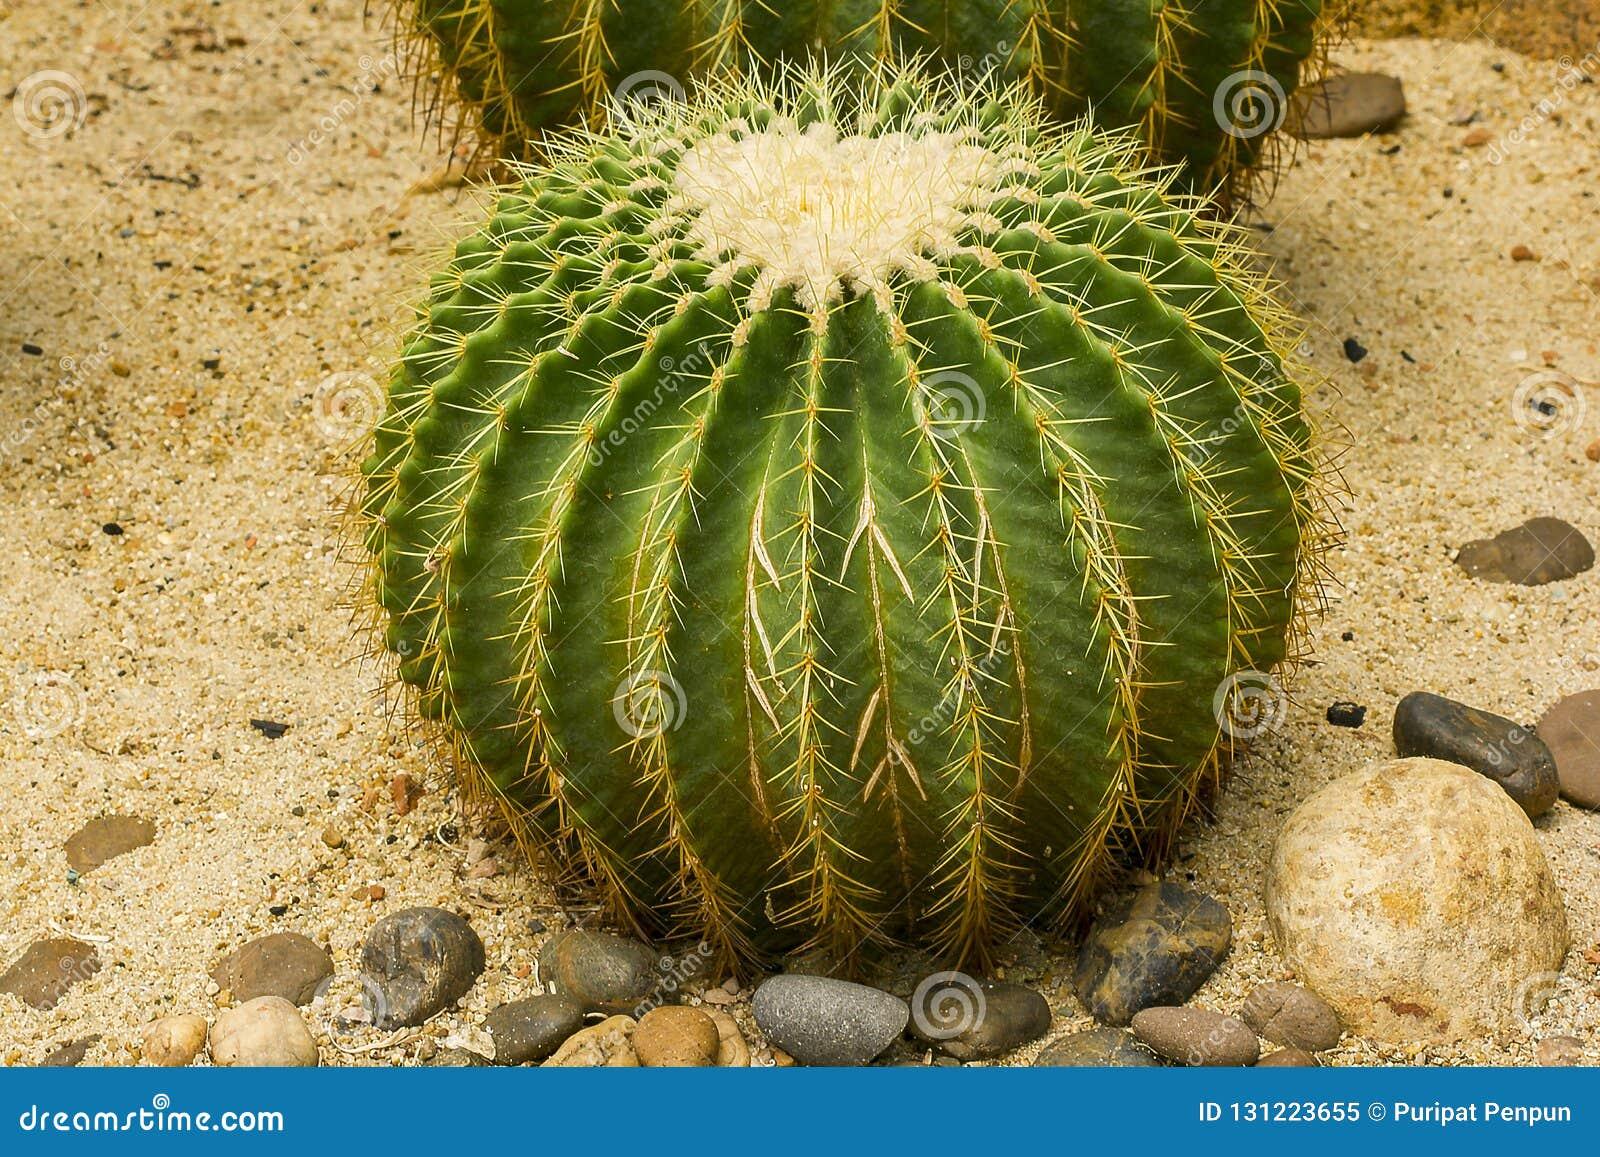 Echinocactus grusonii希尔达仙人掌是一次普遍的培育品种